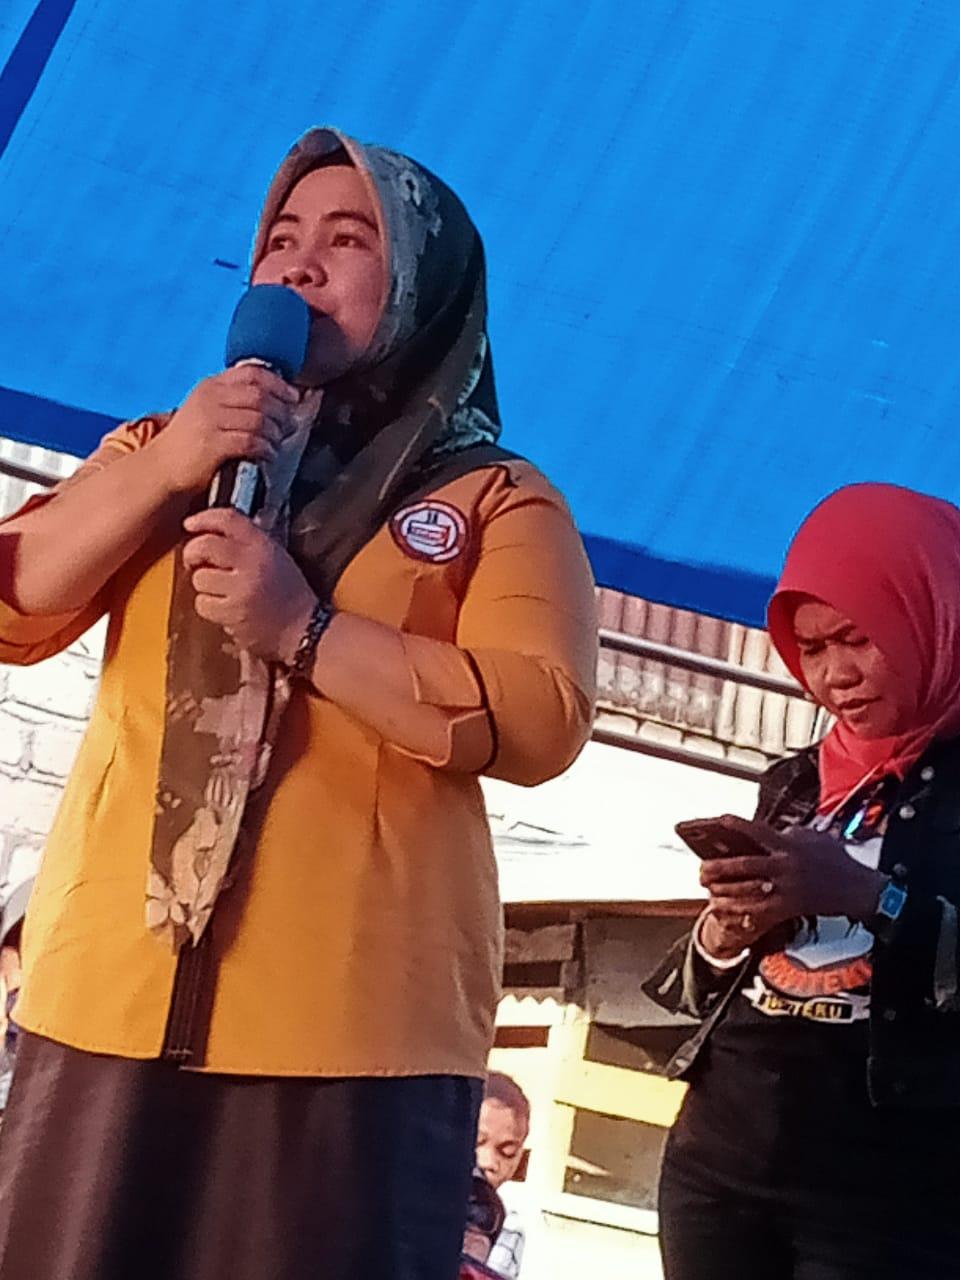 Istri Pejabat Kadis DPMD Muna All Out Mendukung Pasangan Rajiun - La Pili Sebagai Bupati Muna